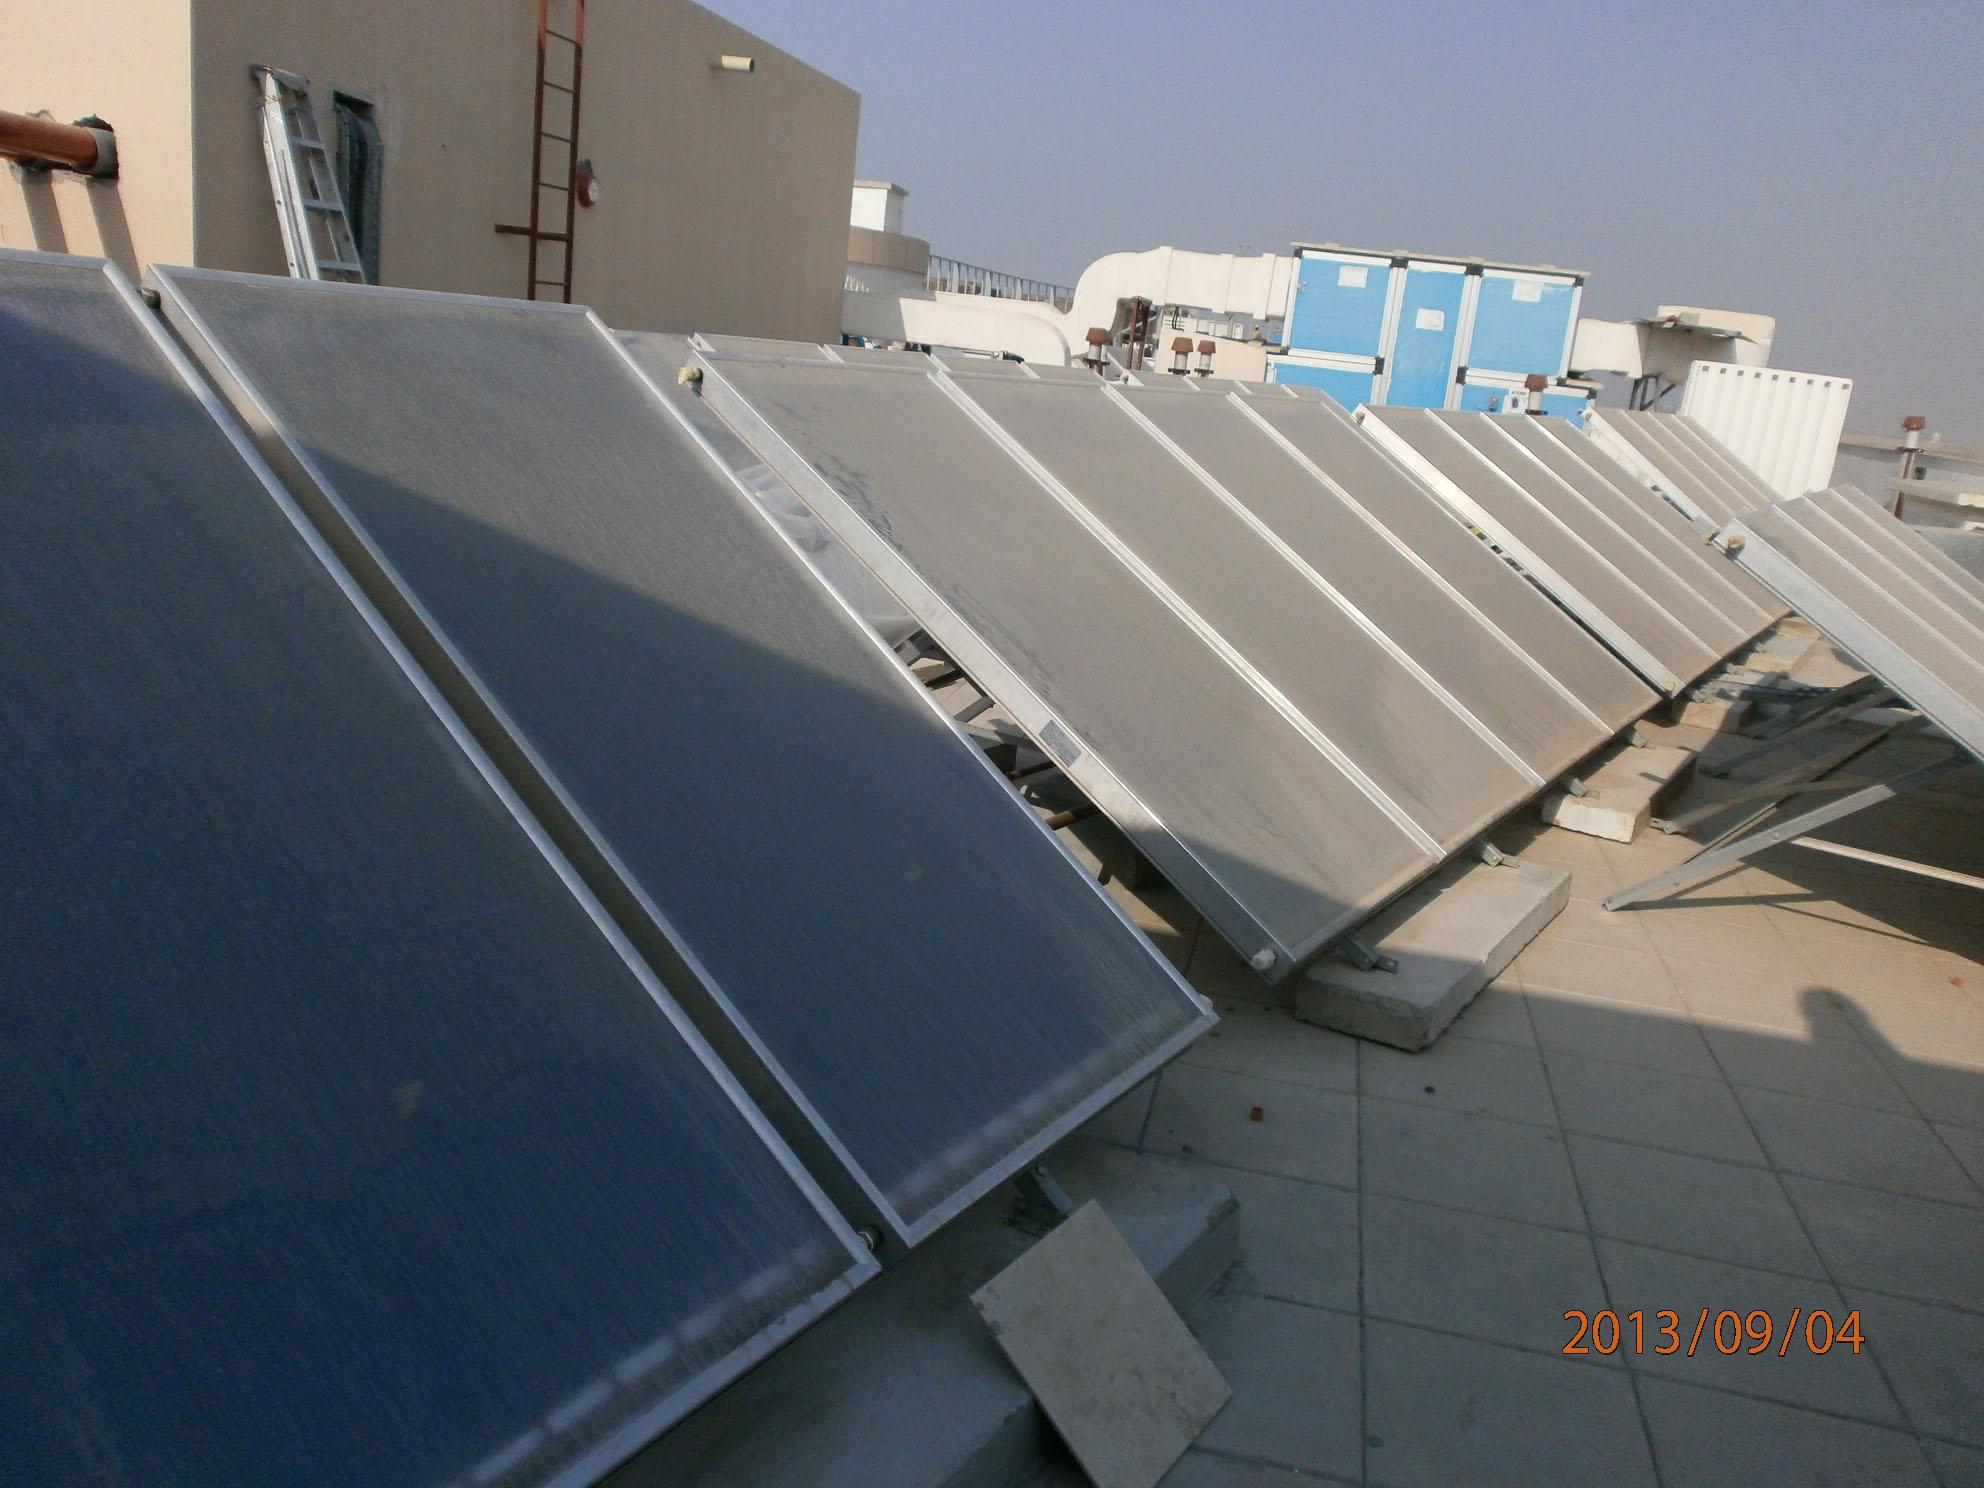 helional_solar_holiday_inn_5